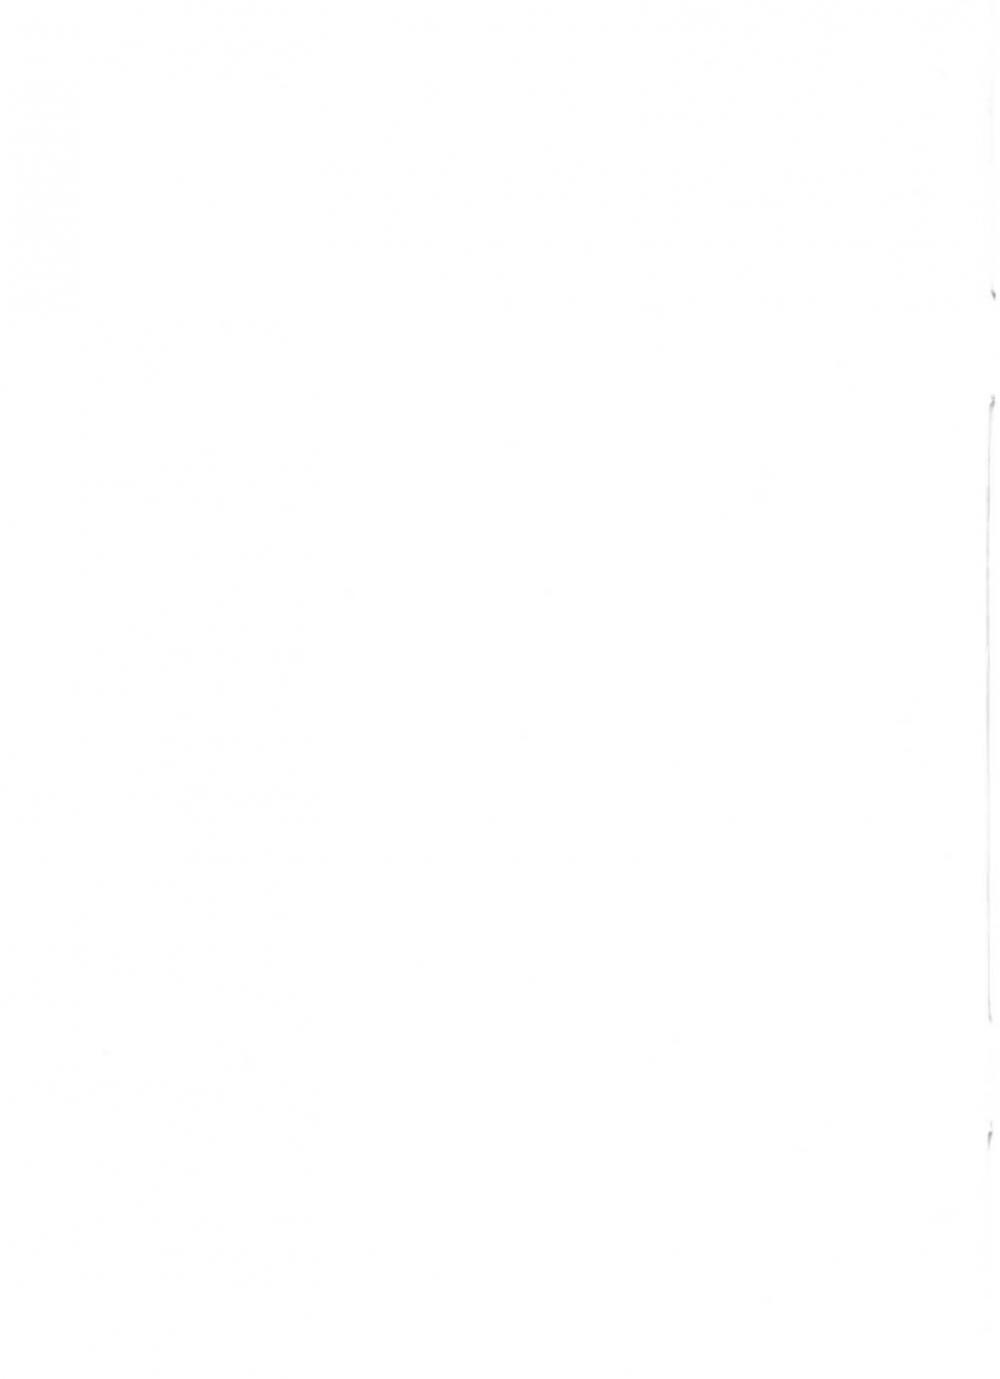 Граматика української мови в таблицях та схемах. Авт: Чукіна В. Вид-во: Логос. купити 1